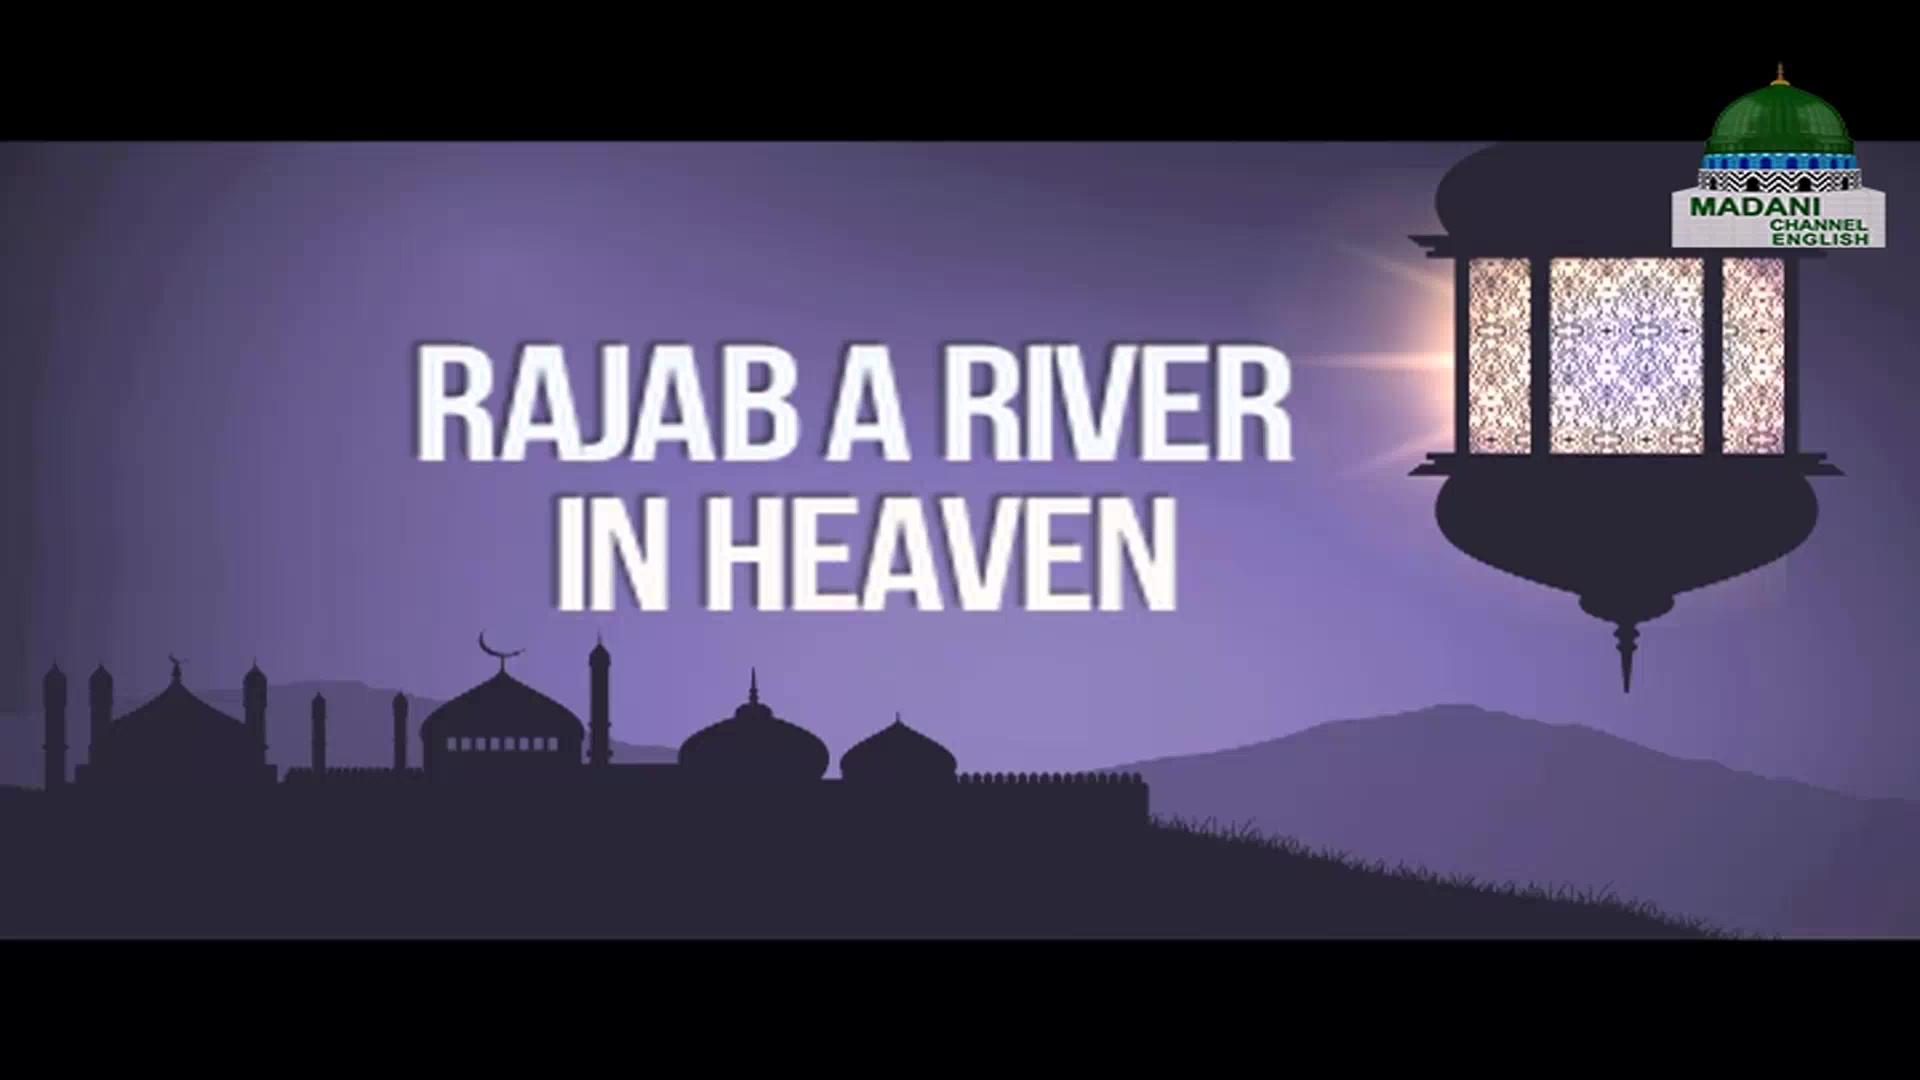 Rajab a River In Heaven